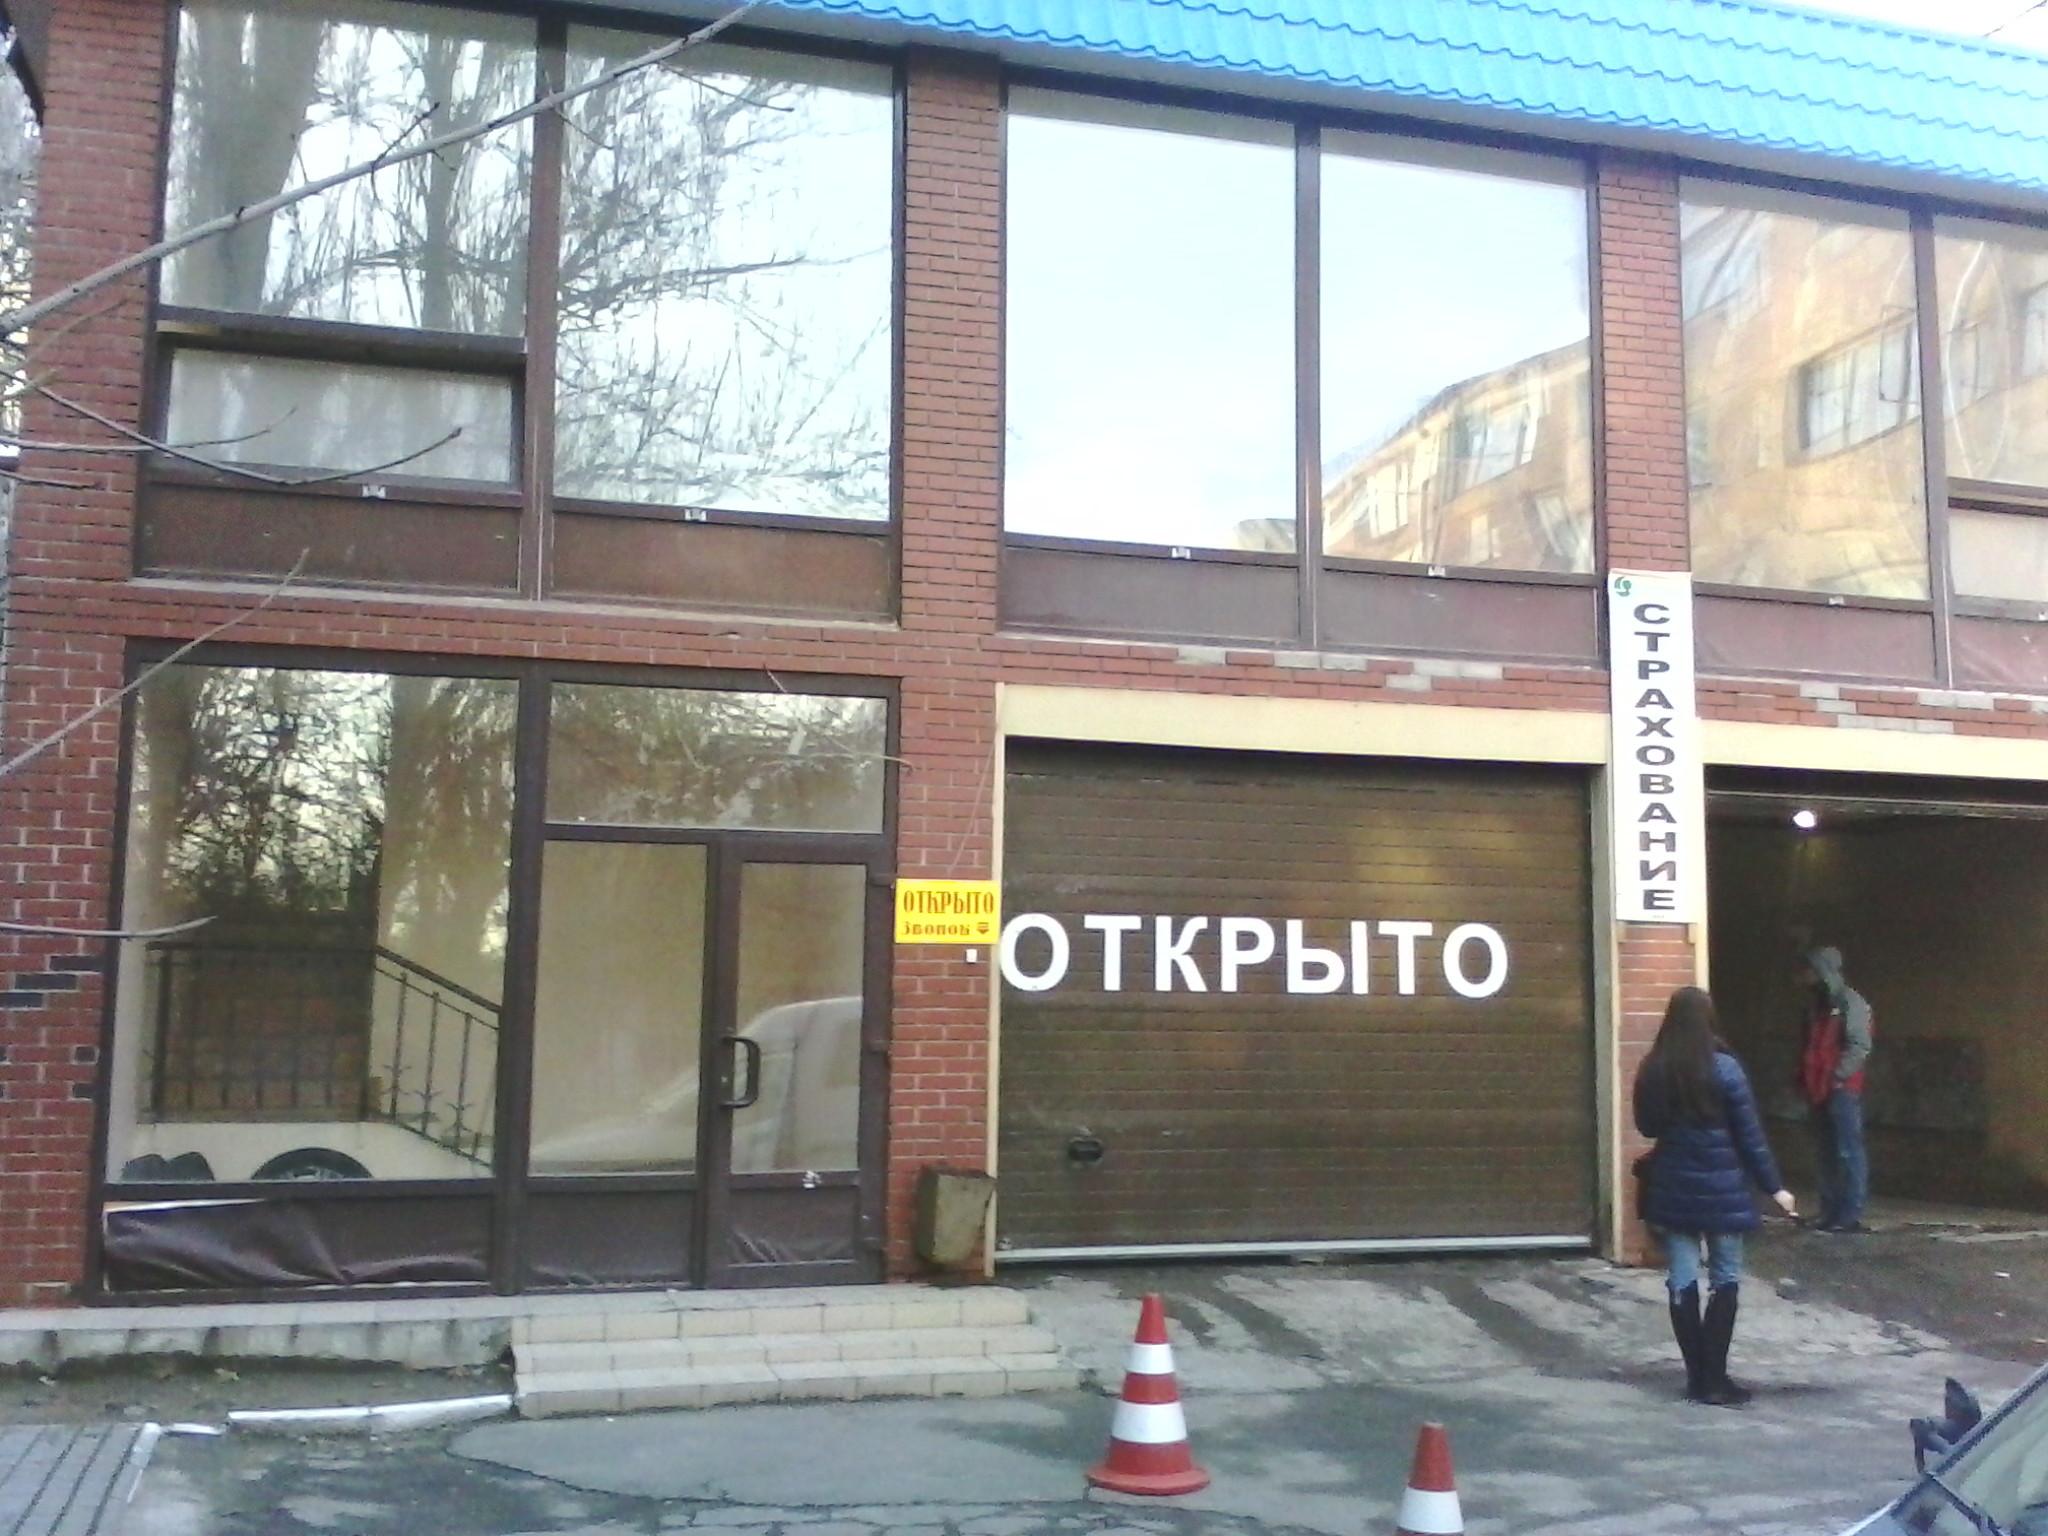 Предмет іпотеки: Торгово-офісний комплекс площею 251,3 кв.м. за адресою: м. Херсон, вул. Комкова, 76-а